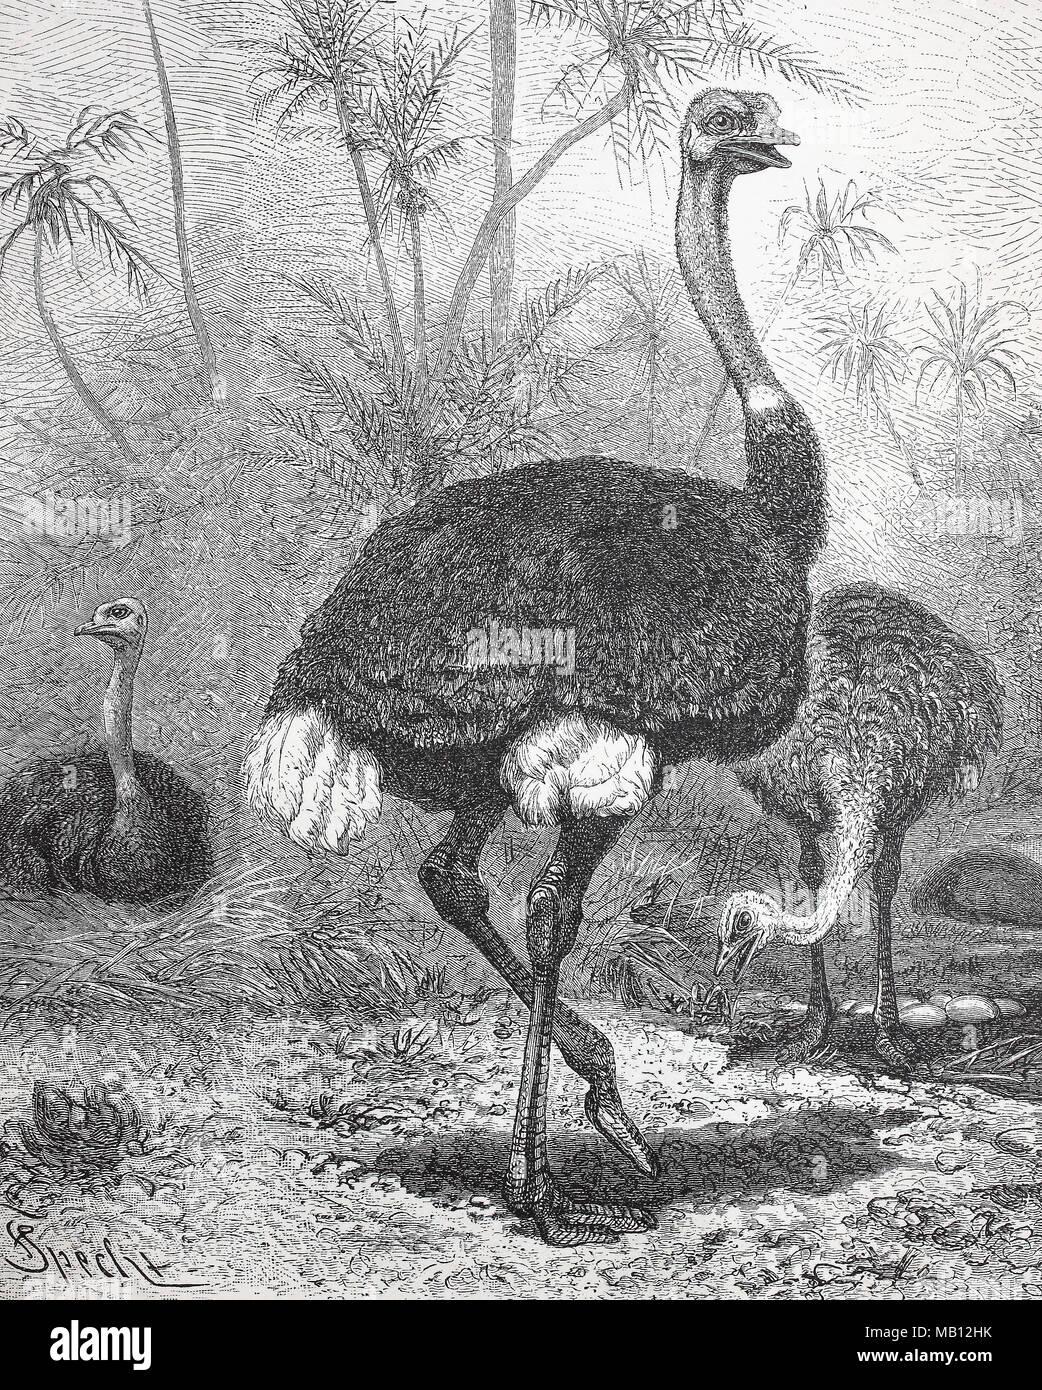 Betriebsprüfungen in Strauß Struthio camelus, Strauß, digital verbesserte Reproduktion einer Vorlage drucken aus dem Jahr 1895 Stockbild